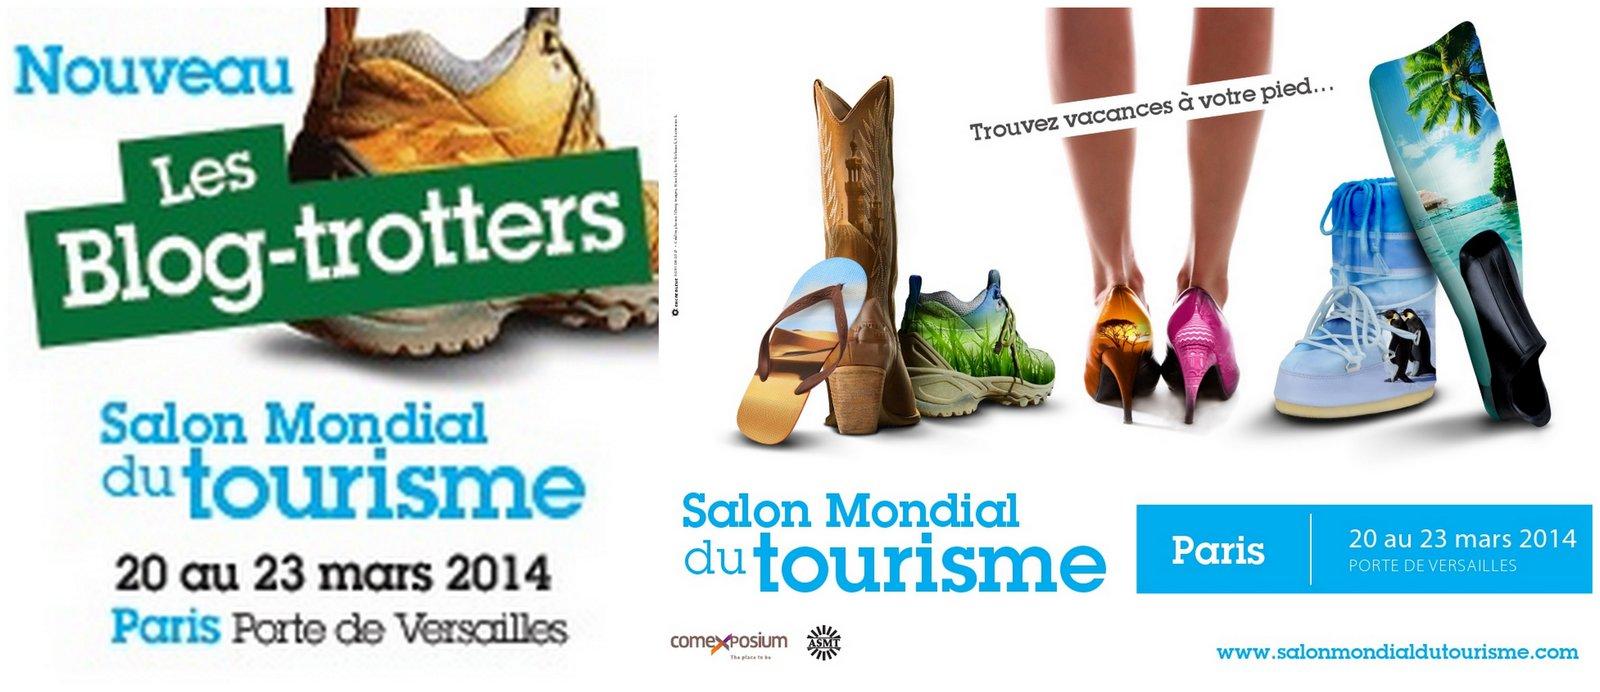 Rendez vous au salon mondial du tourisme paris for Salon mondial tourisme